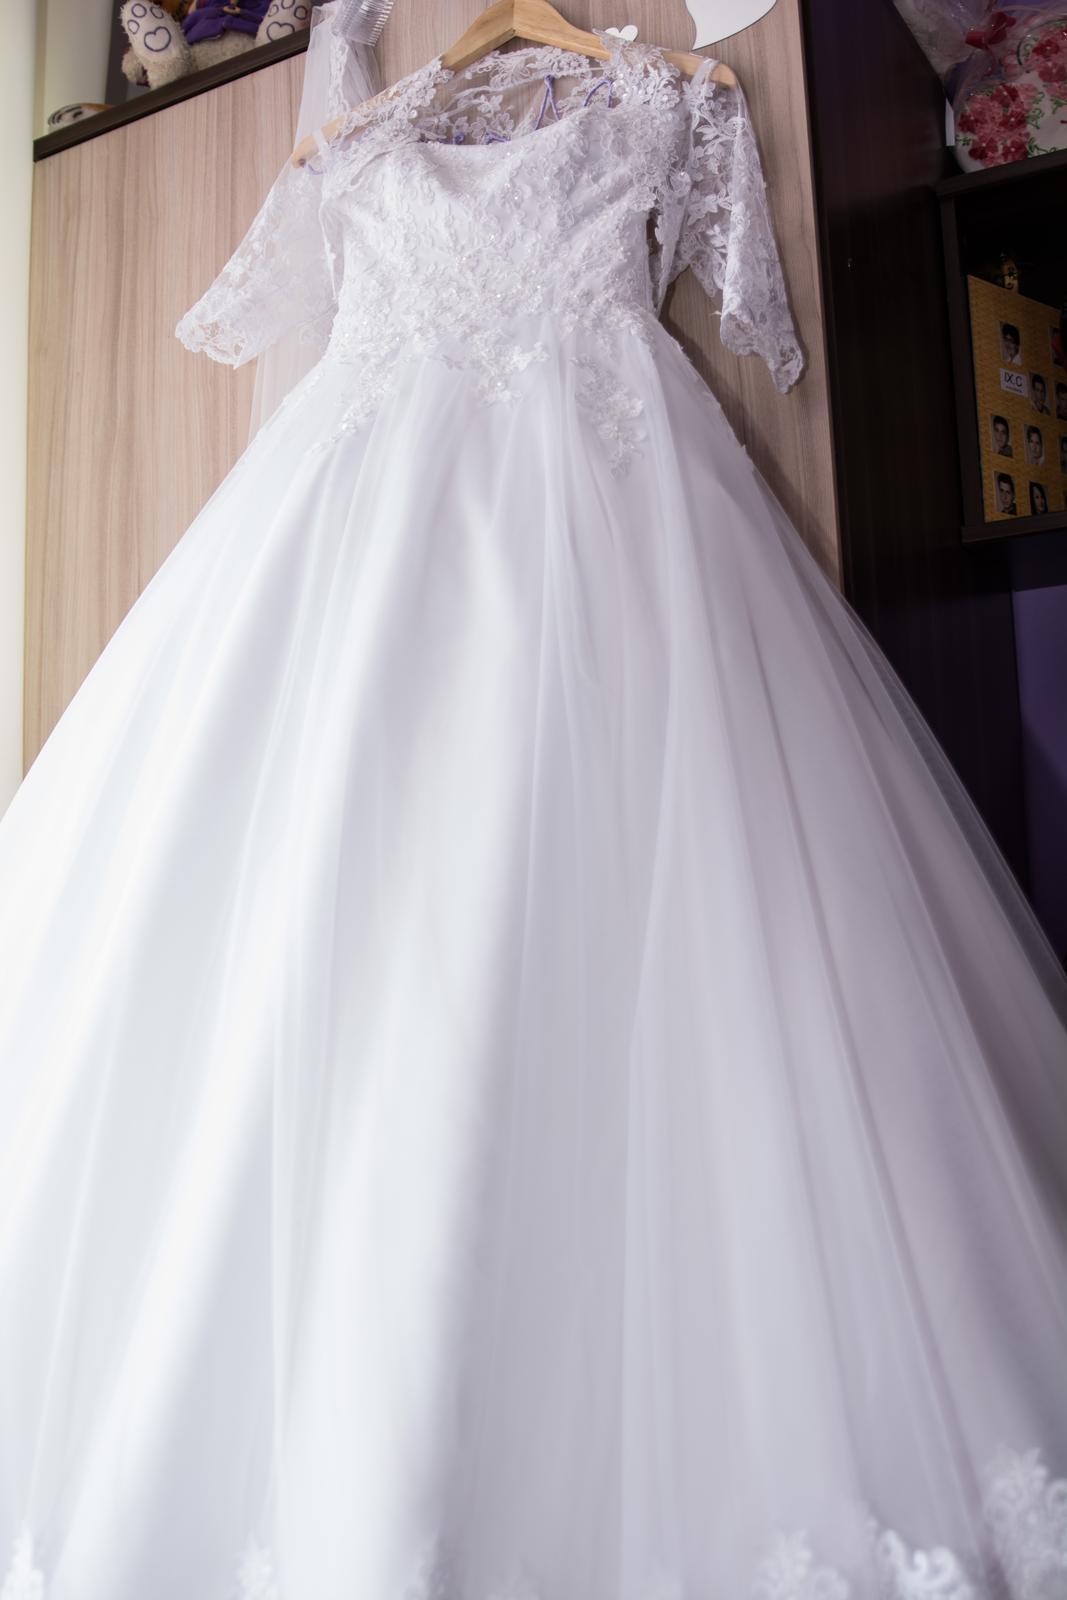 princeznovské svadobné šaty veľkosť od 34-38 - Obrázok č. 1